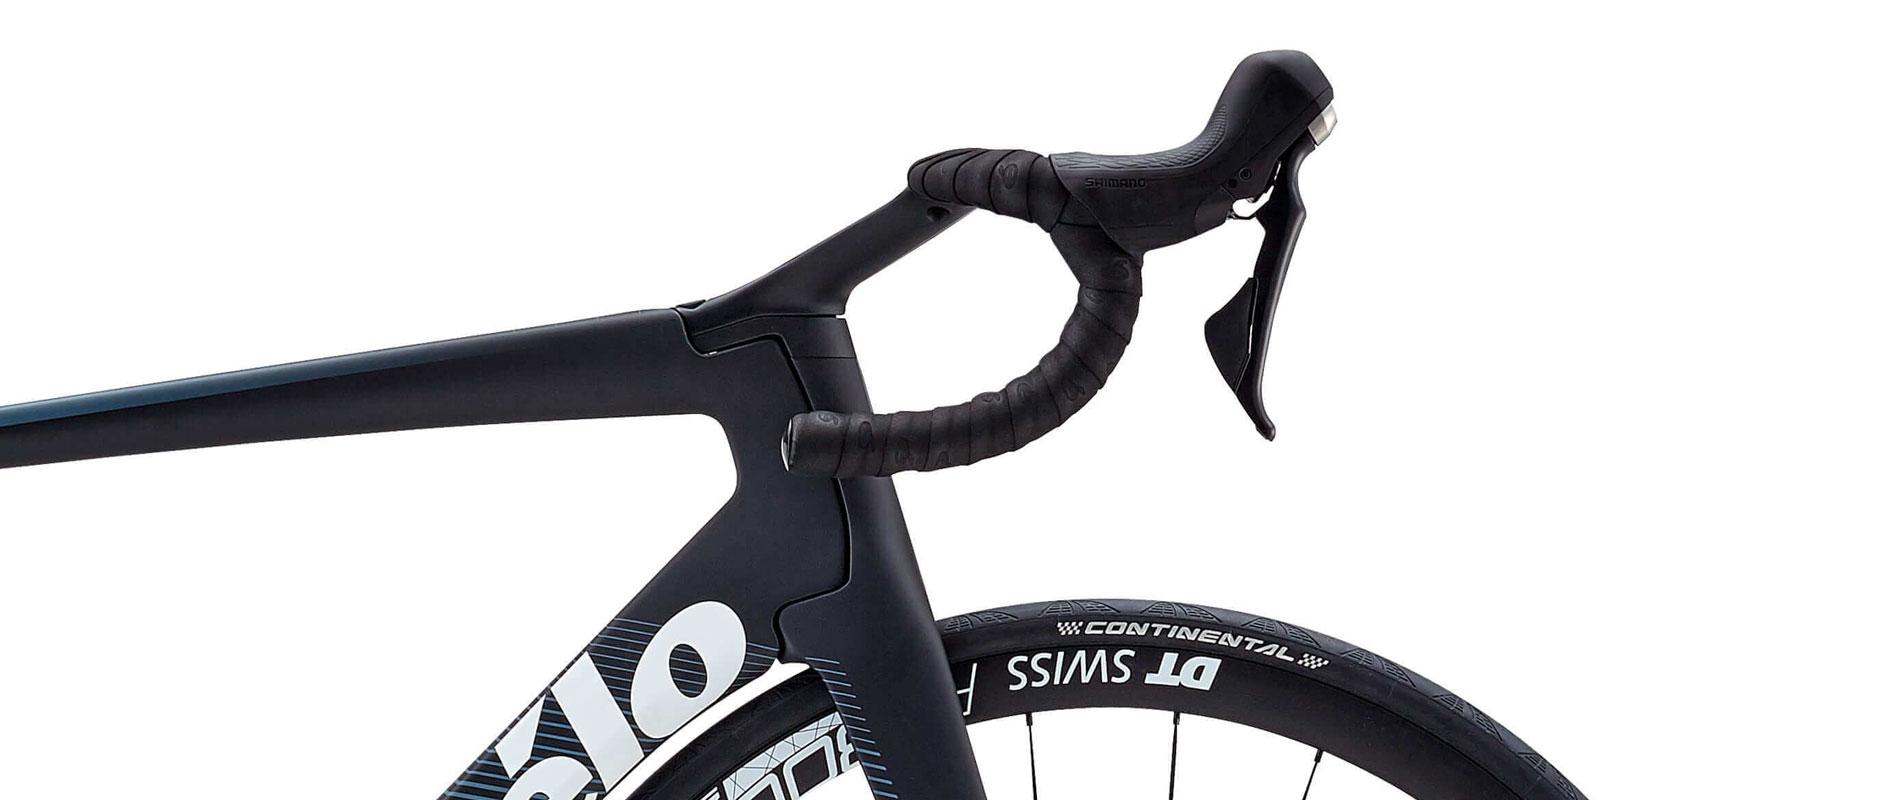 https://bikepointtenerife.com/wp-content/uploads/2019/05/cervelo-s5-disc-ultegra-2.jpg